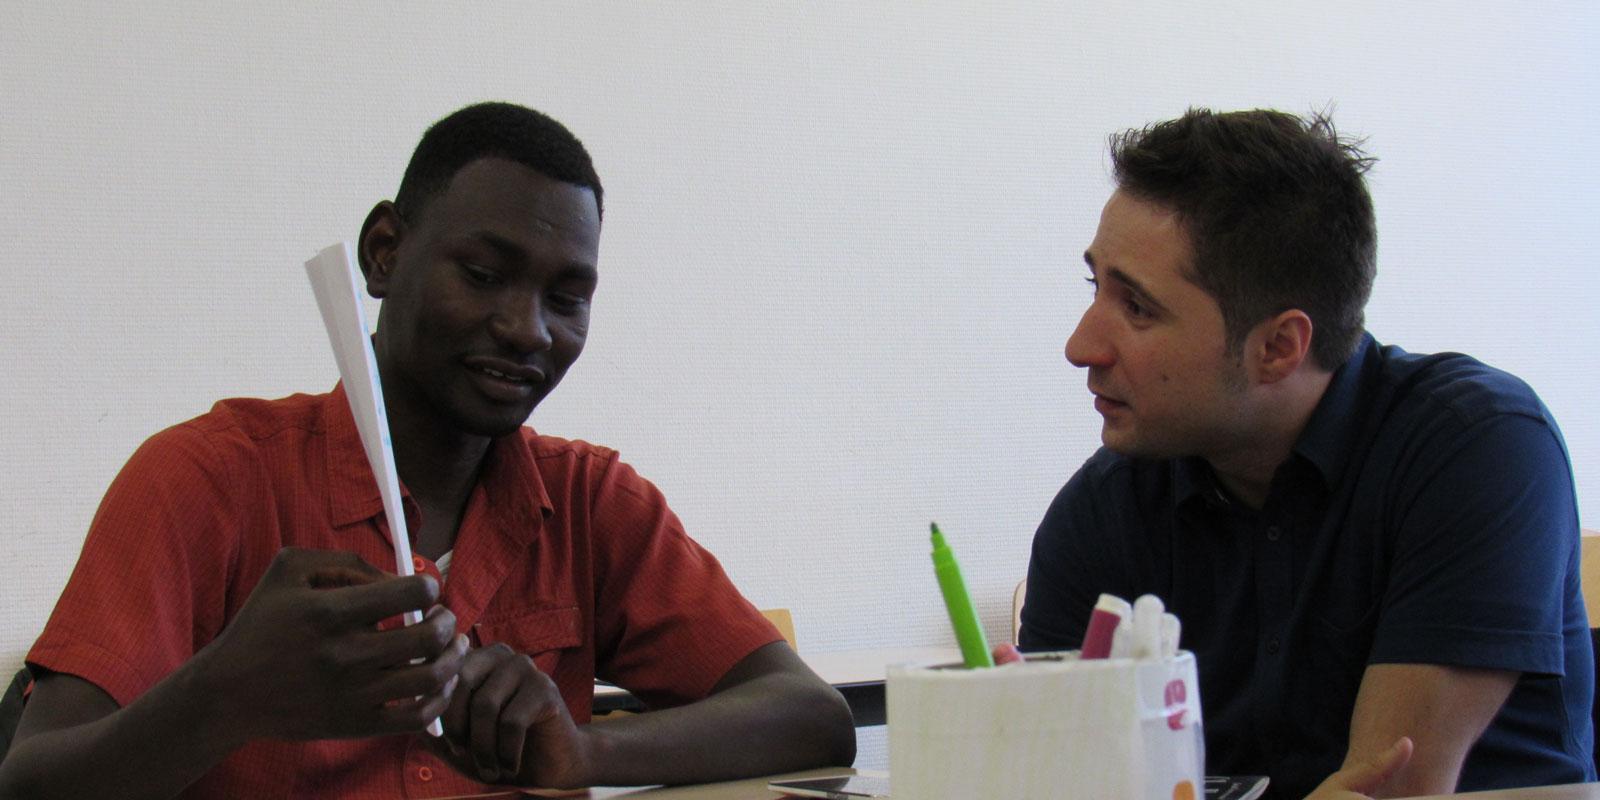 Des étudiants de grandes écoles coachent des réfugiés qui veulent reprendre les cours